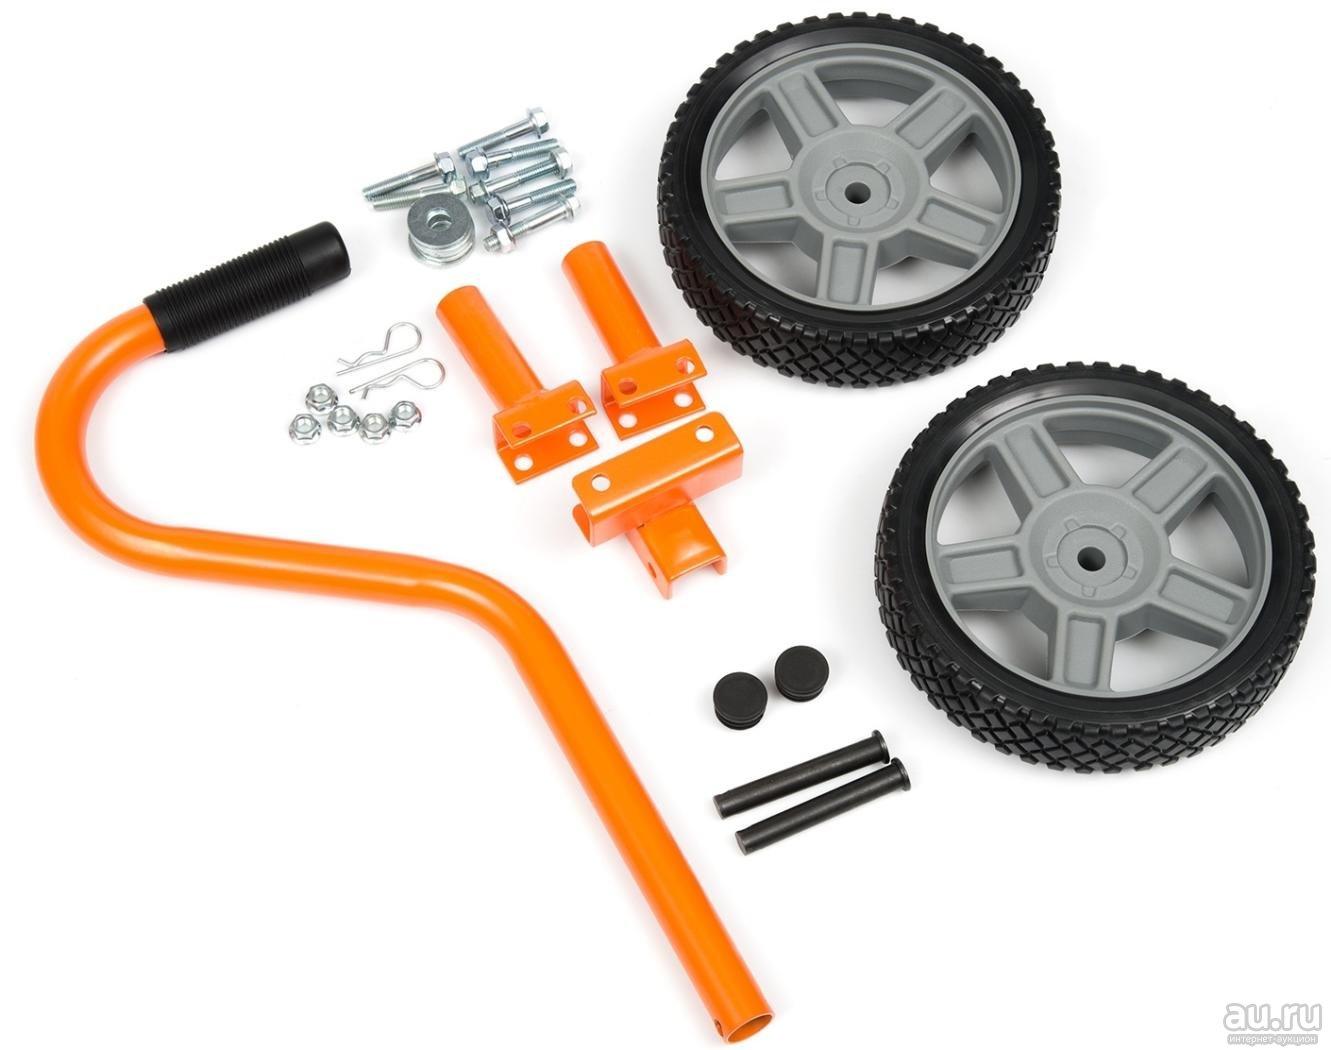 Комплект колес для генераторов ECT 7000 в Княгининое